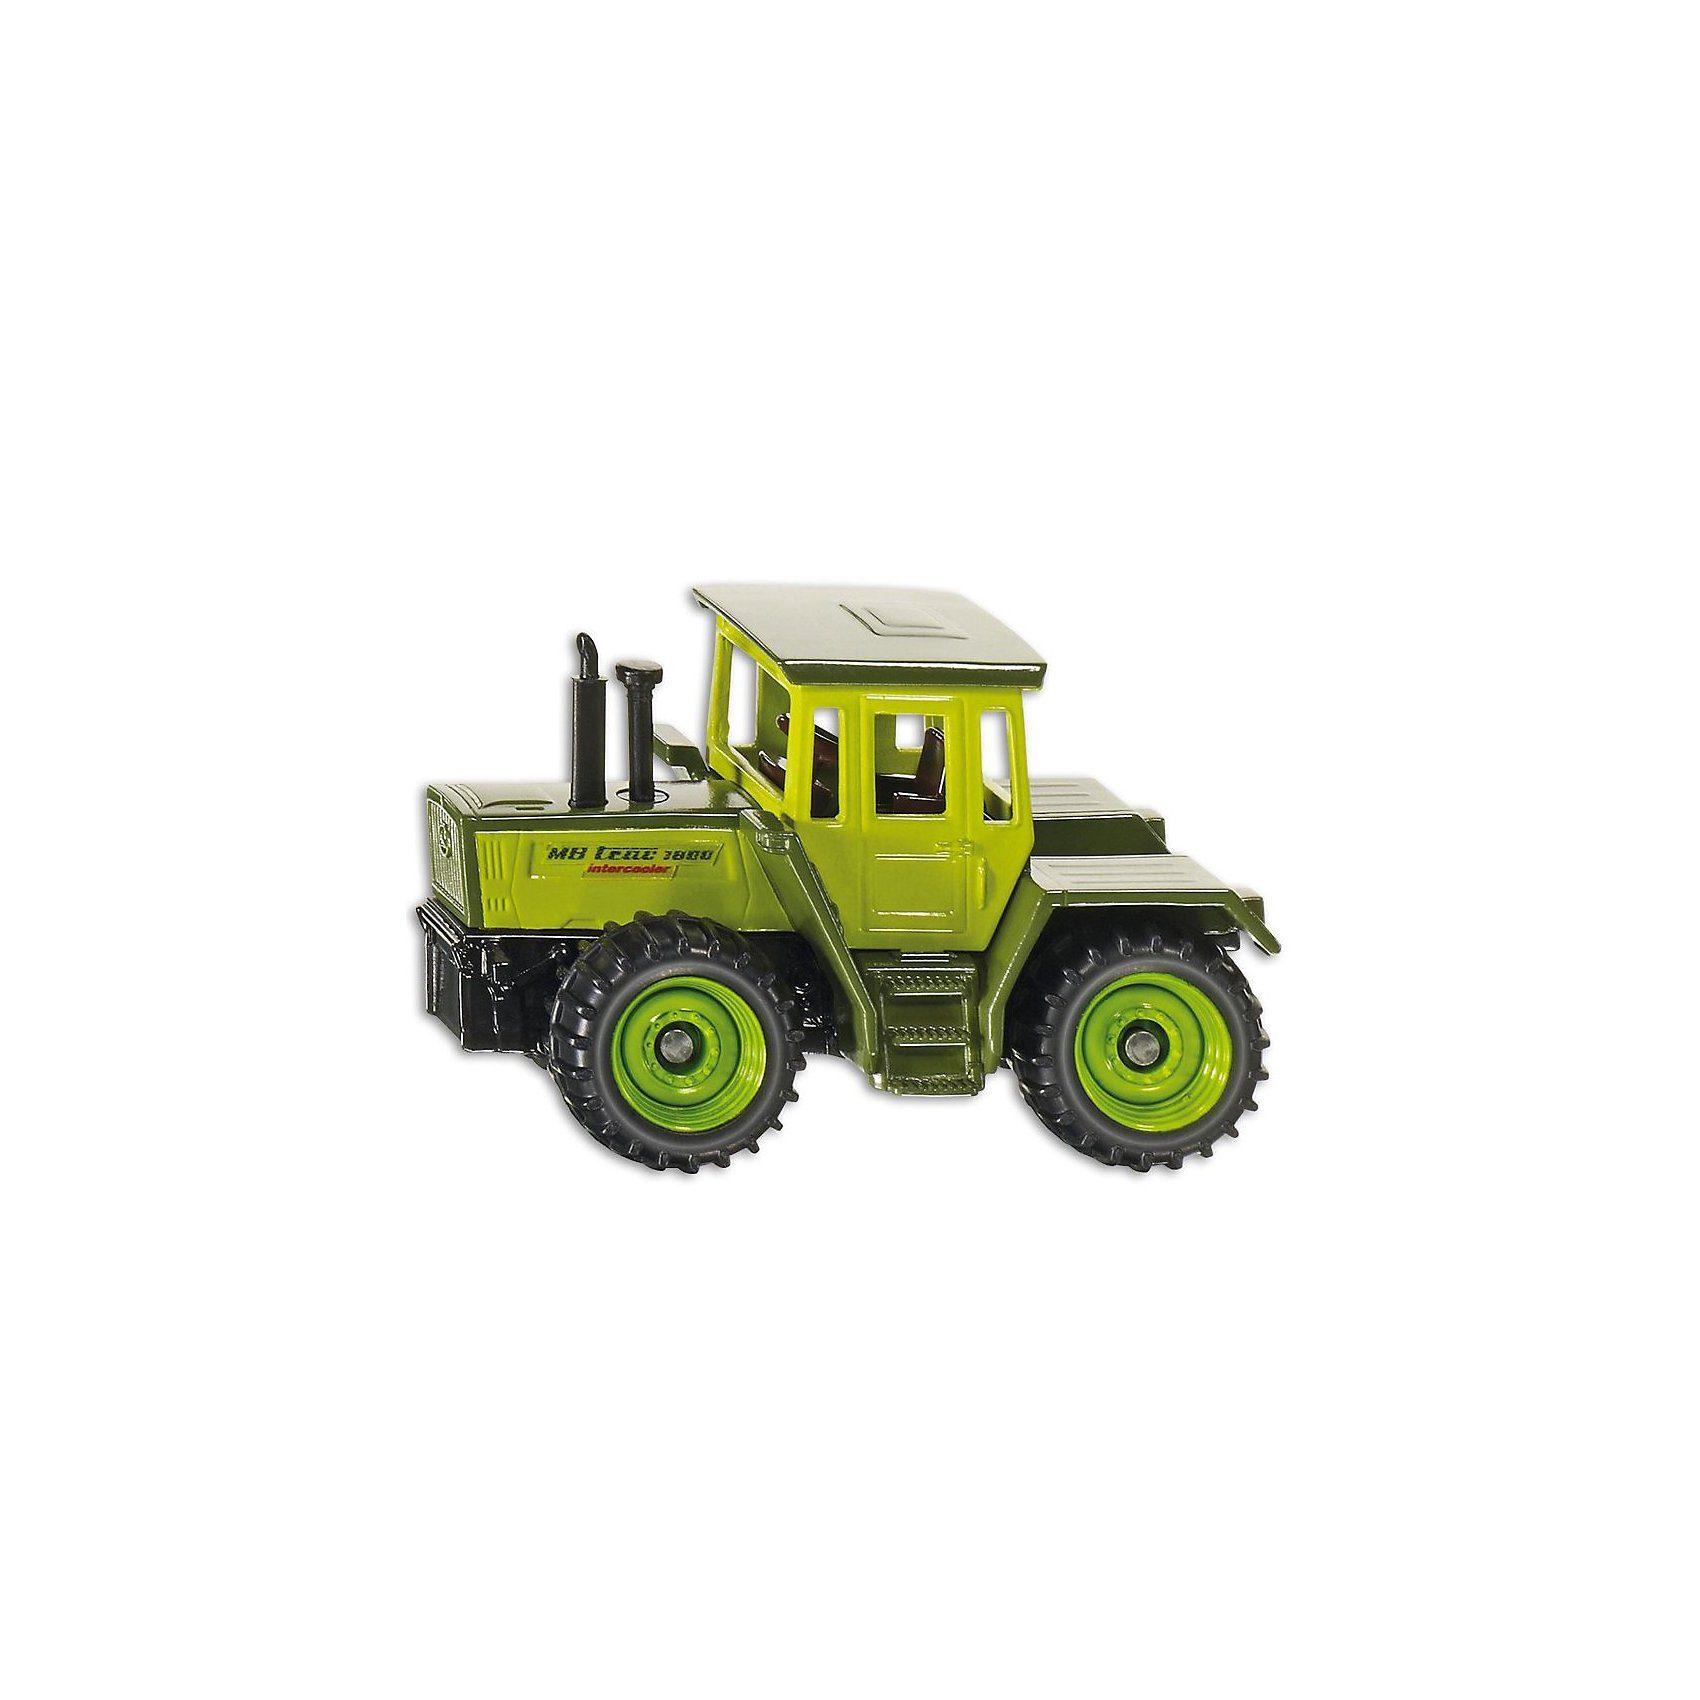 SIKU Super 1383 MB-trac Traktor